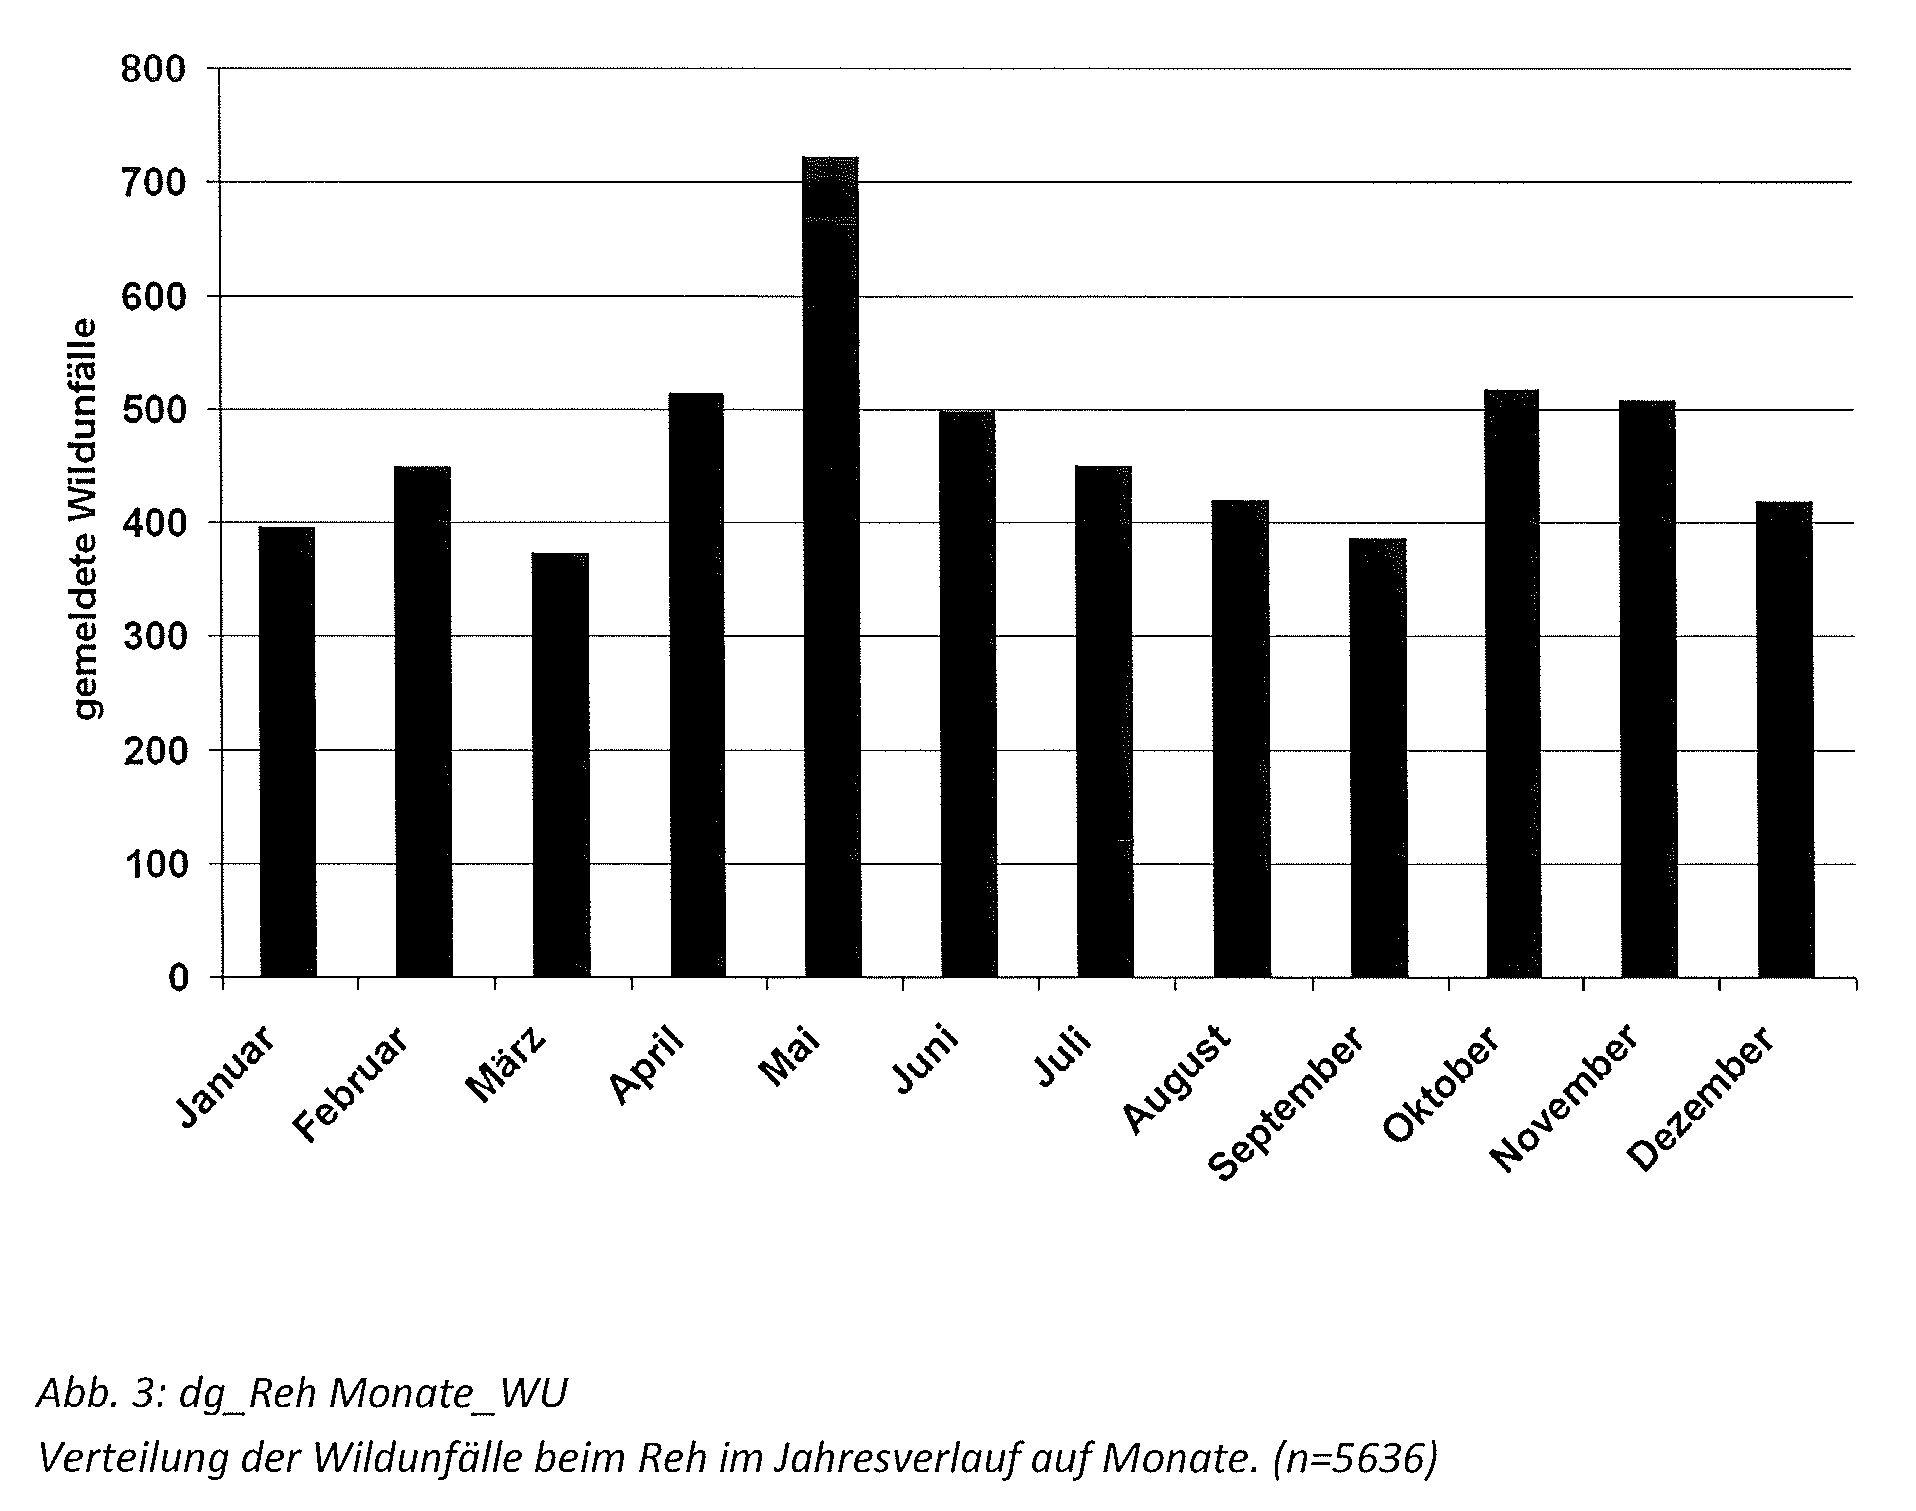 Verteilung der Wildunfälle beim Reh im Jahresverlauf auf Monate. (n=5636)